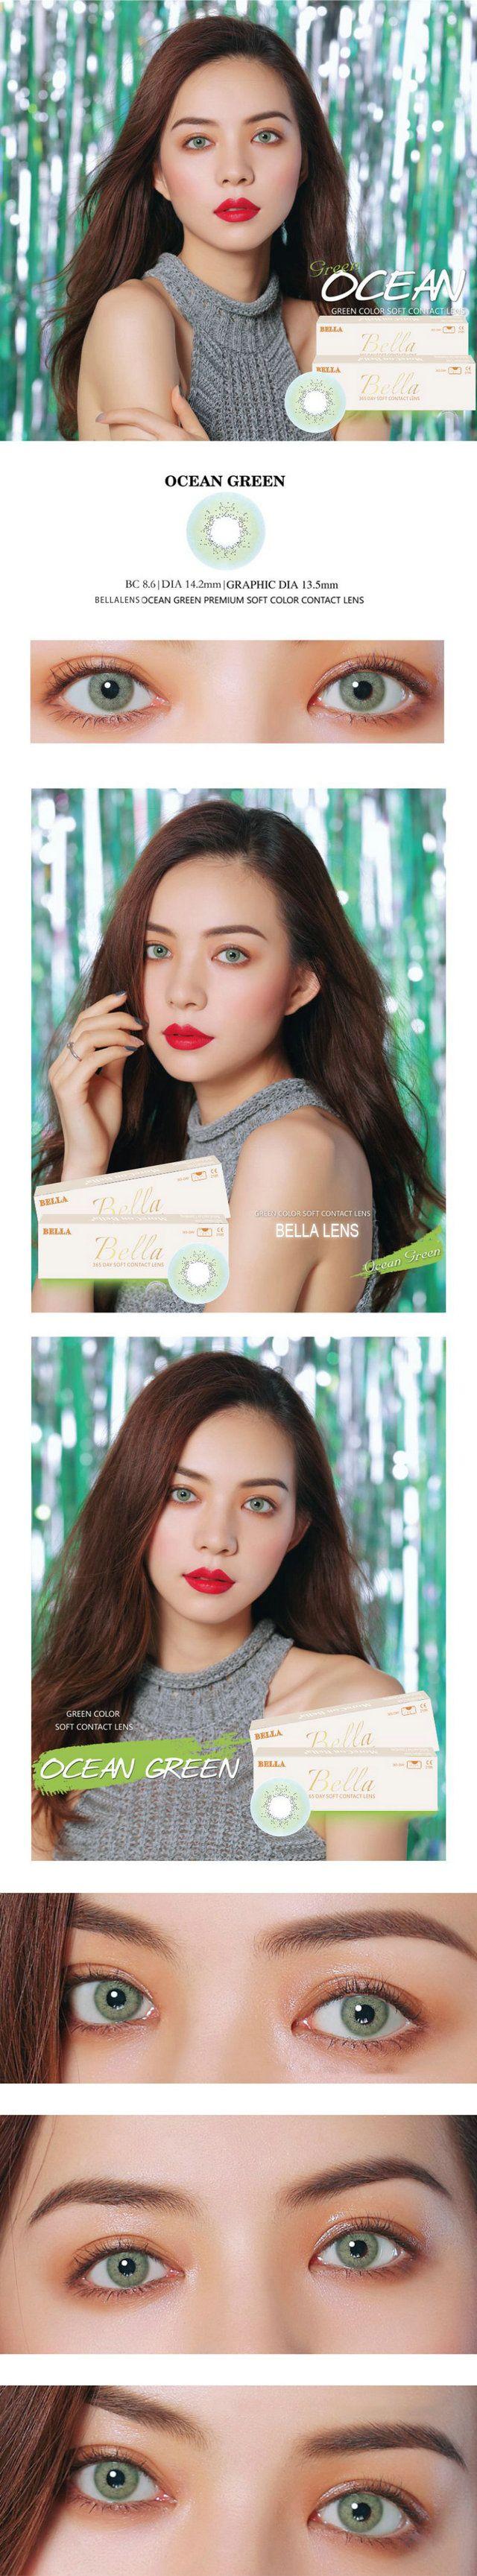 Color contact lenses online shop - 14 20mm Bella Ocean Contact Lens Color Green 16 99 Contactlensdropshipping Com Online